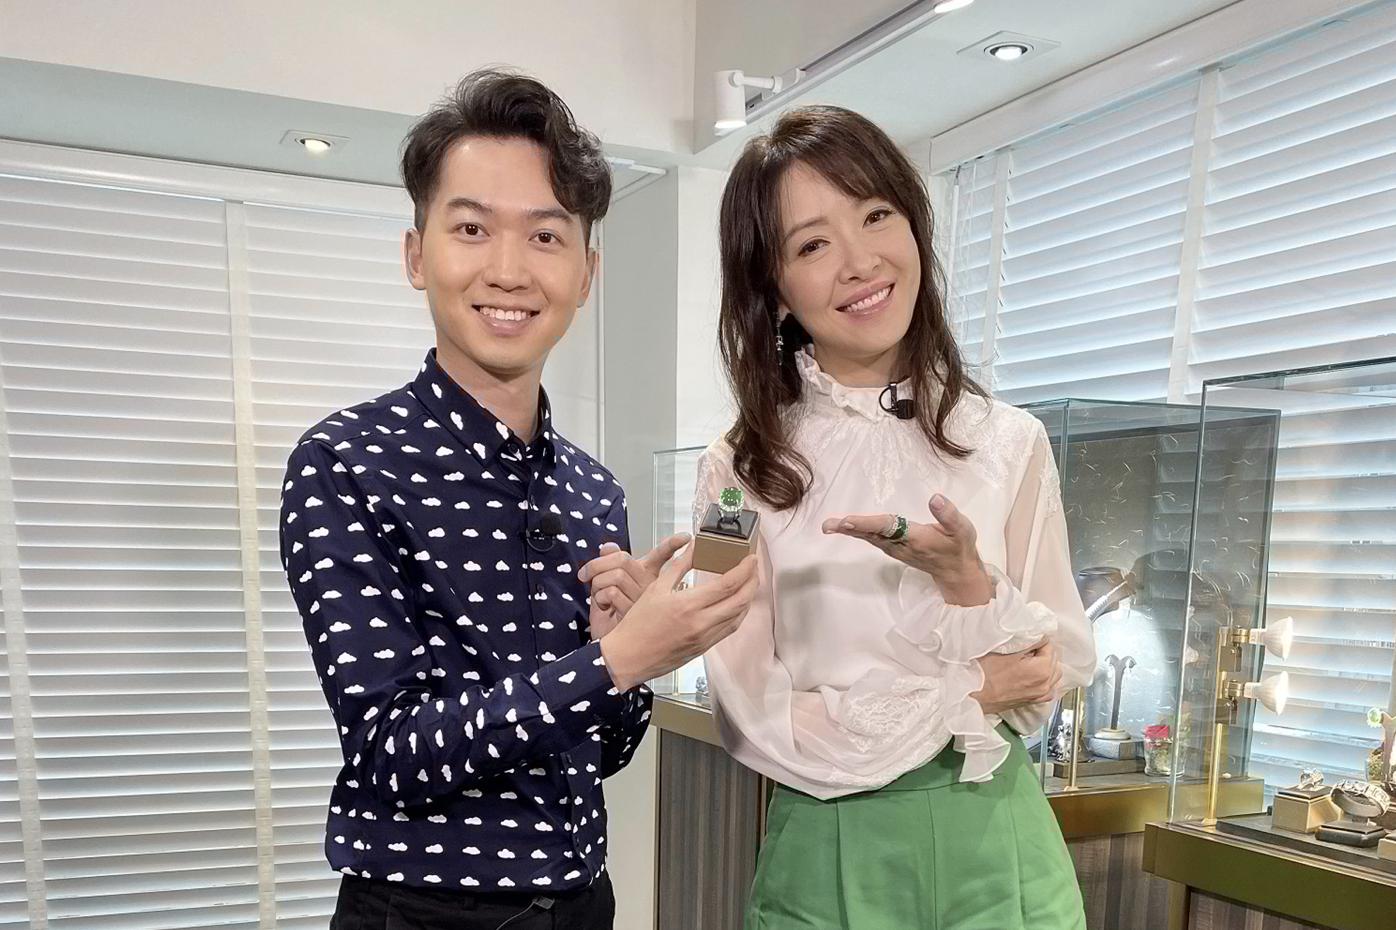 港姐向海岚转型做珠宝商人,投资七位数半年回本,无暇返TVB拍戏